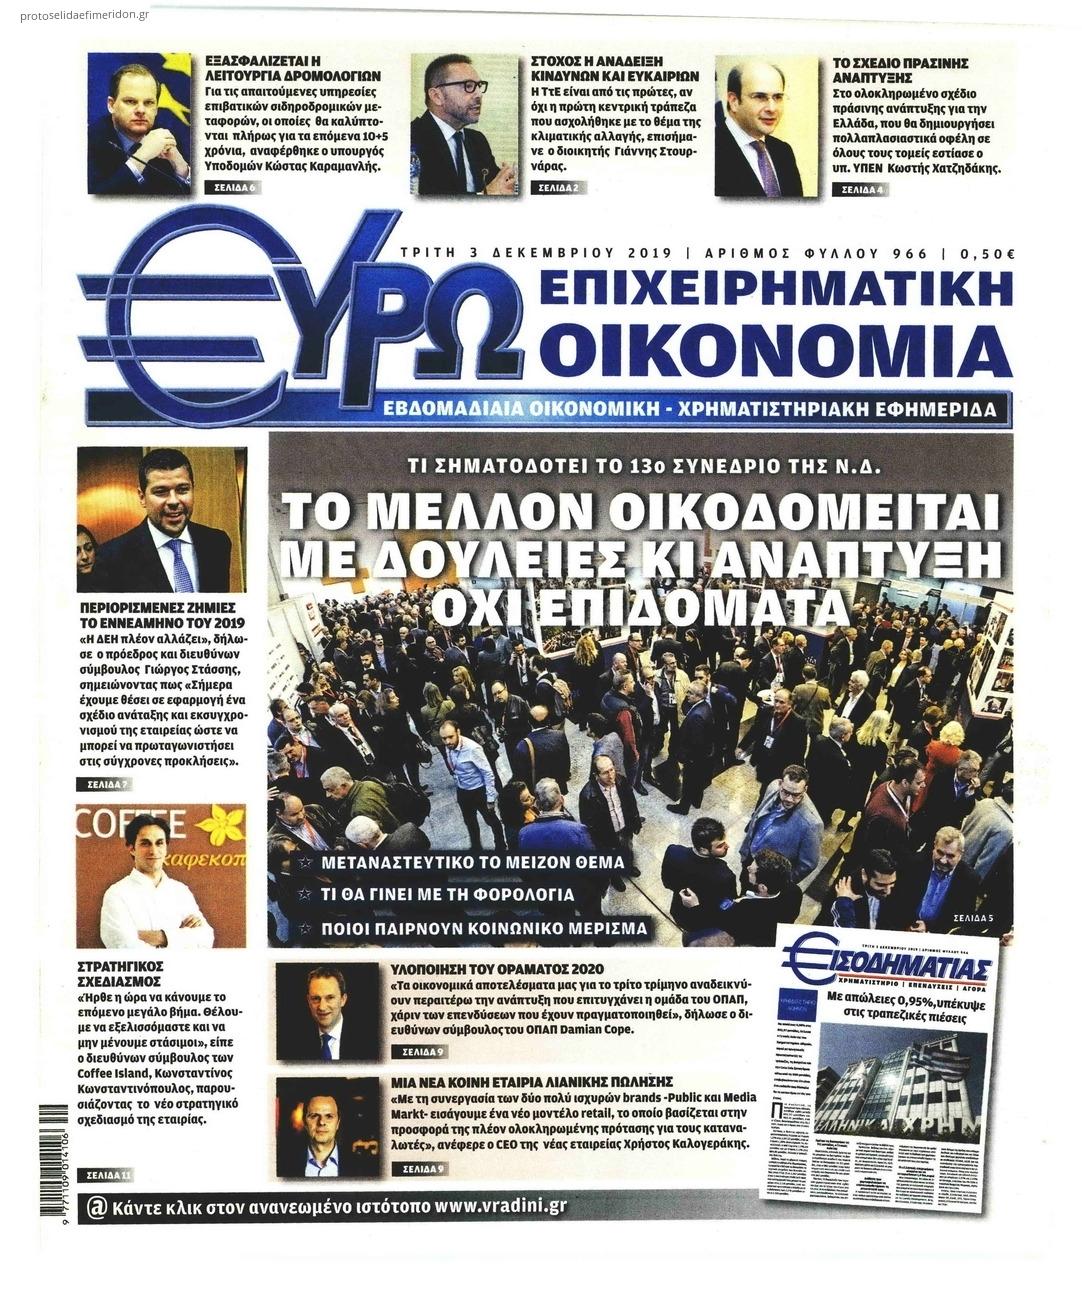 Πρωτοσέλιδο εφημερίδας Ευρώ Οικονομία